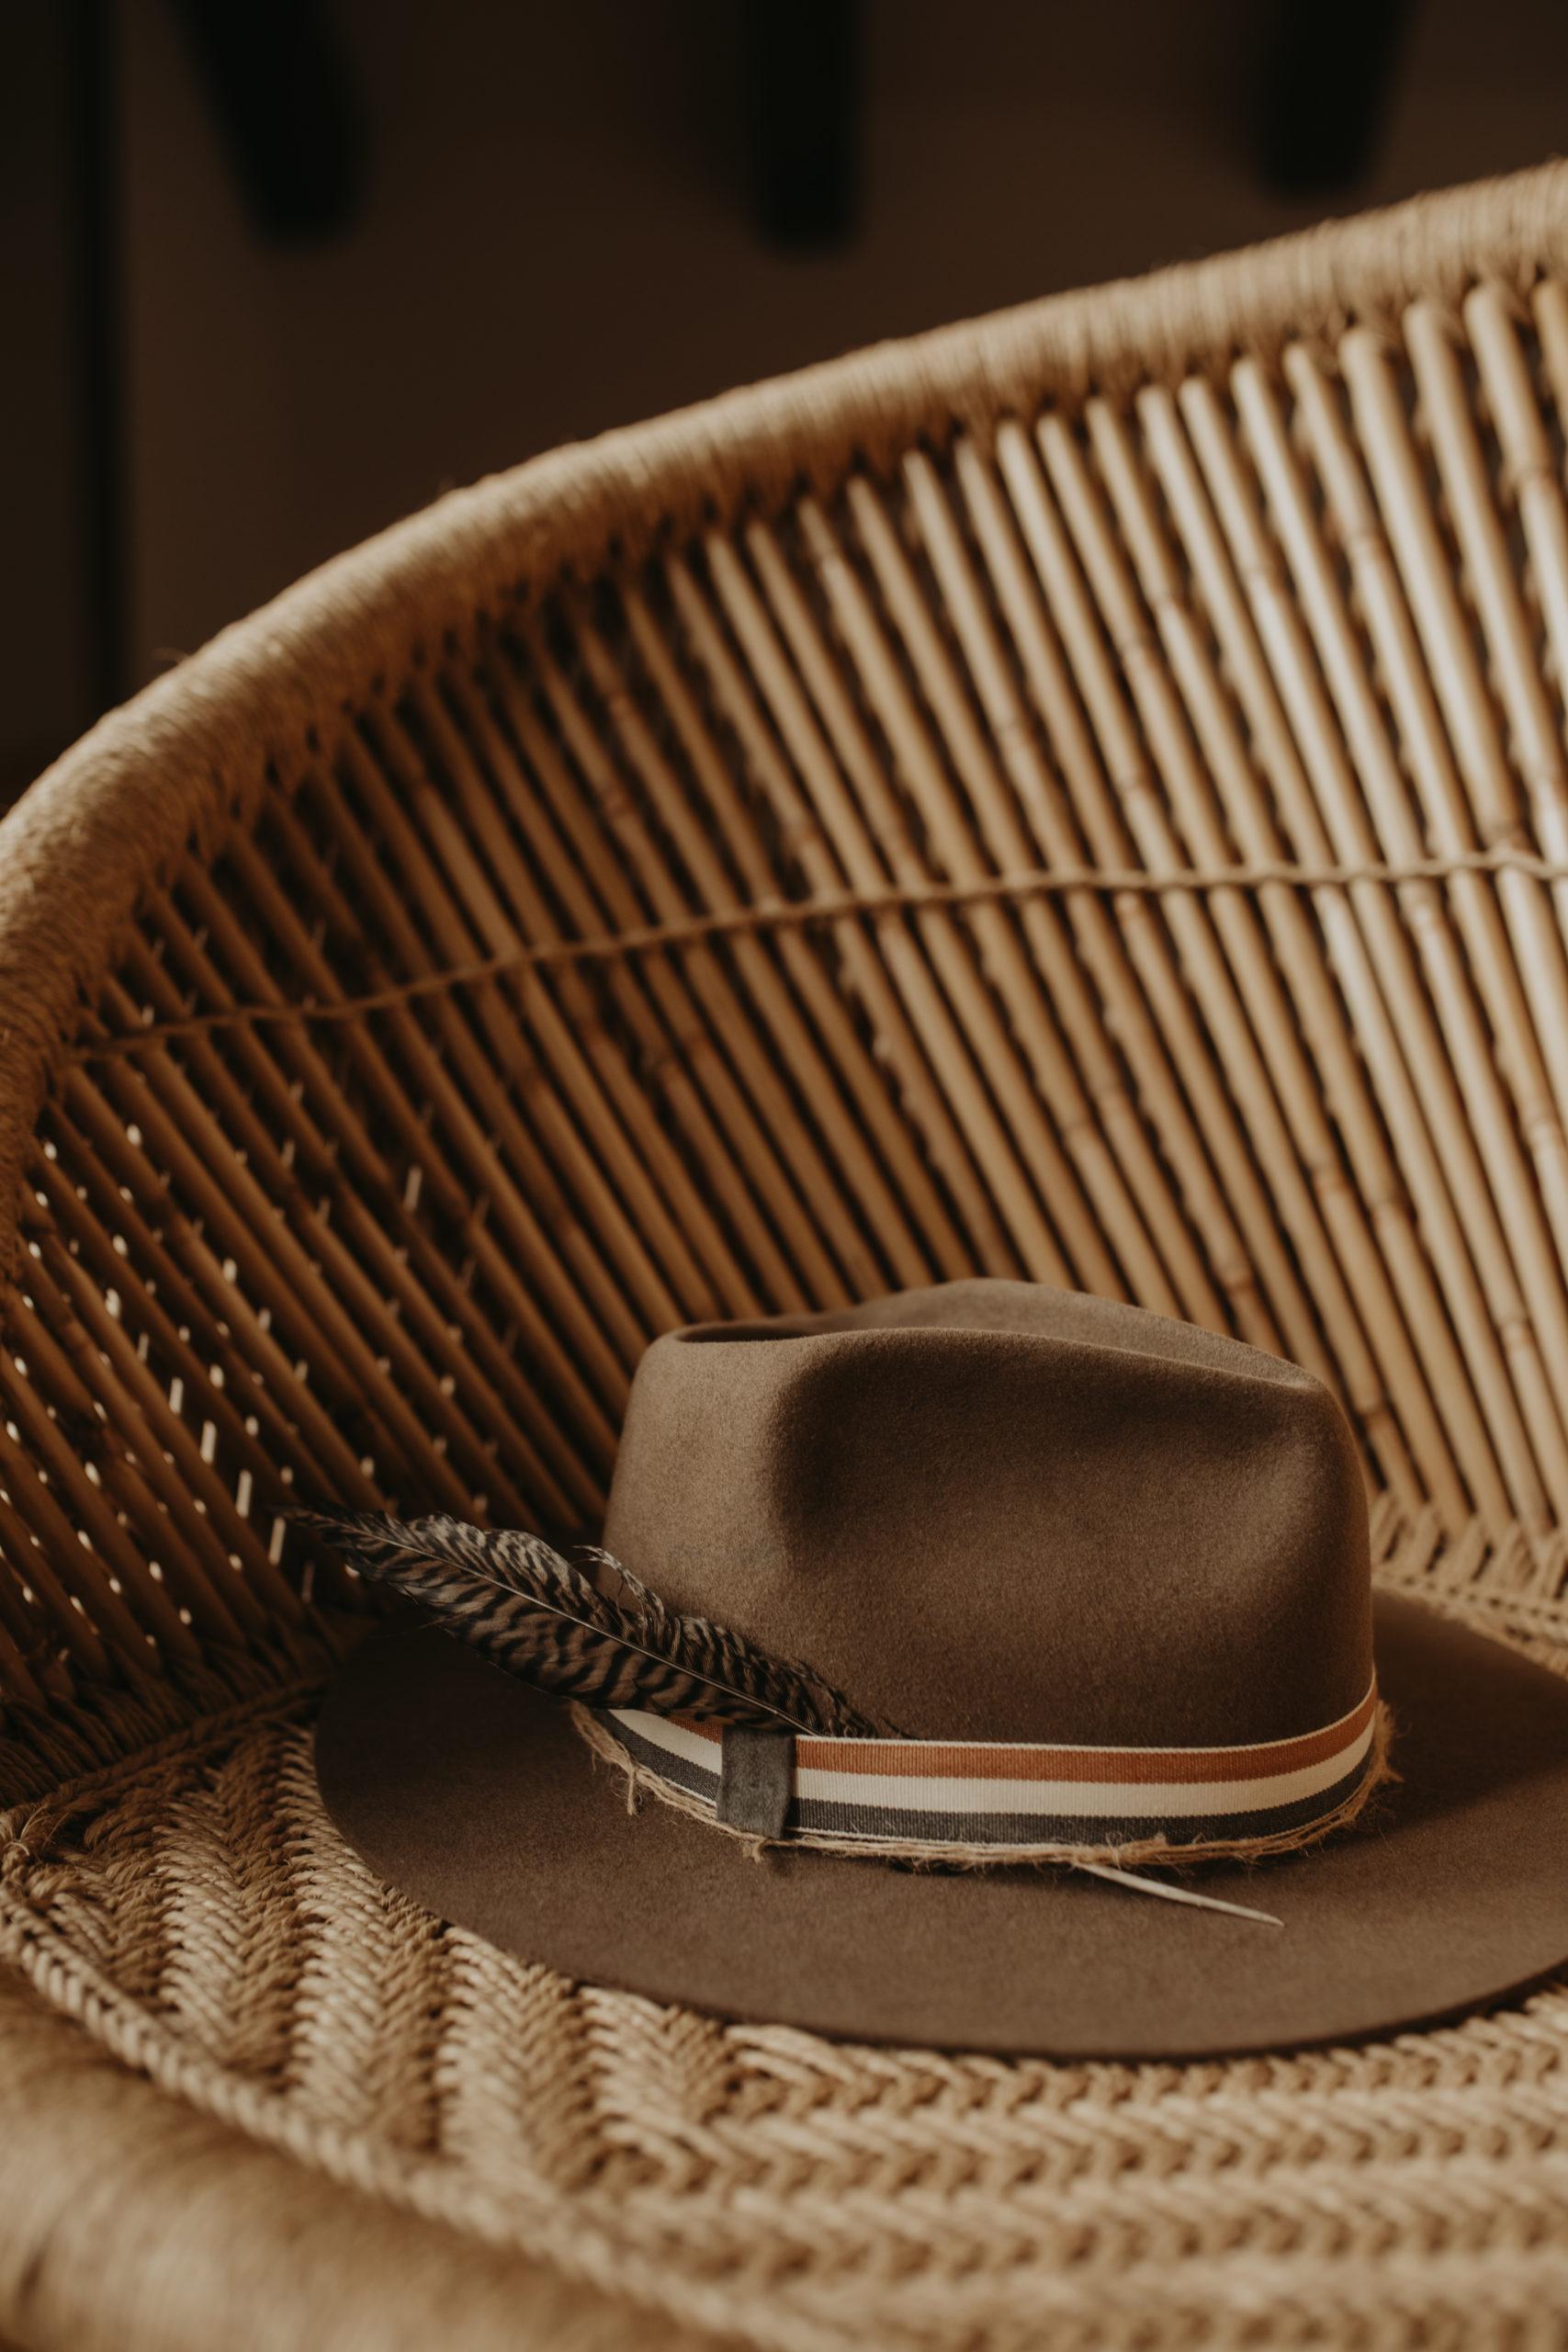 Sombrero de novio para boda sobre sillón de ratán